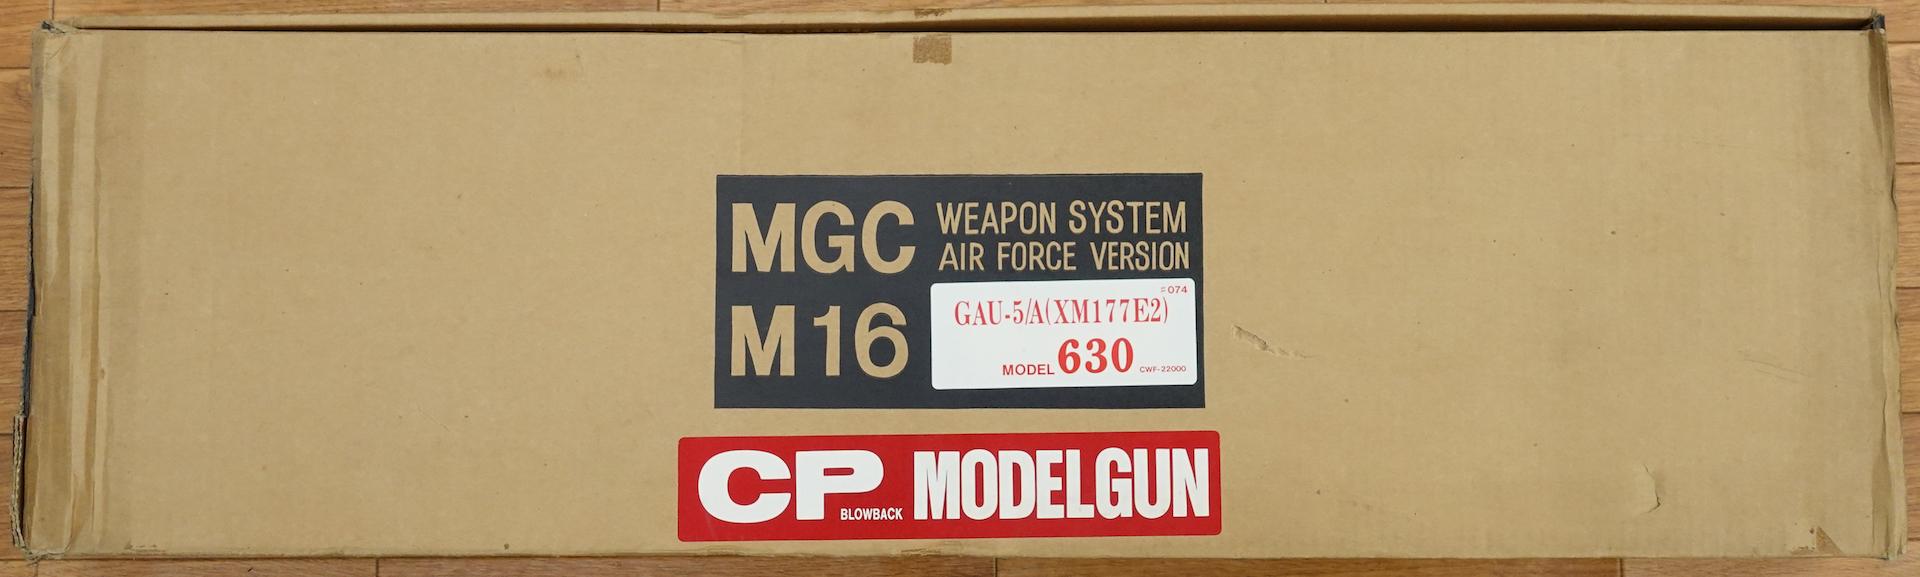 画像_M16 XM177E2 モデル63001